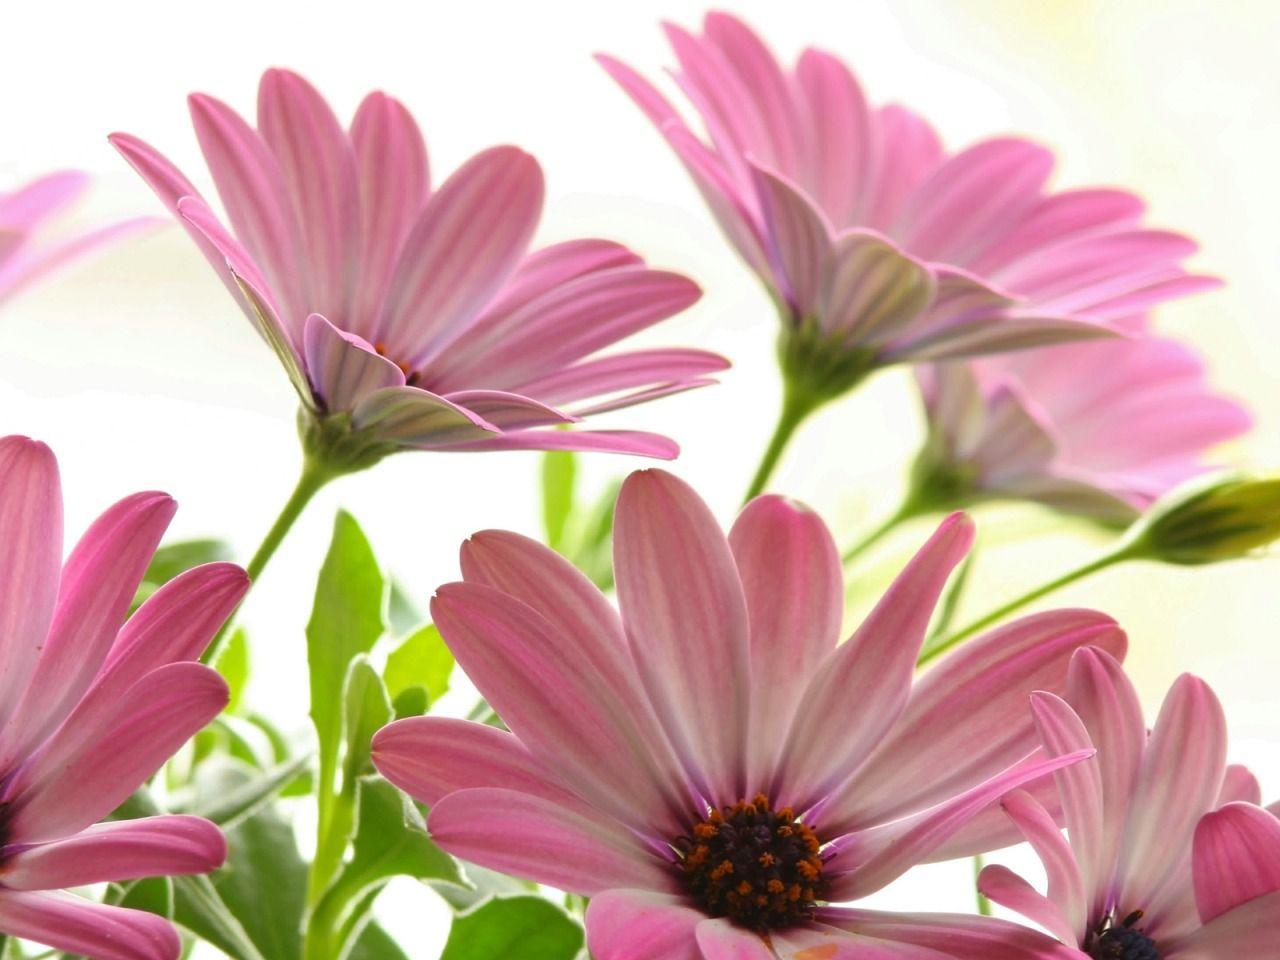 20 خلفية زهور رائعة عالية الدقة مجانا Pink flowers